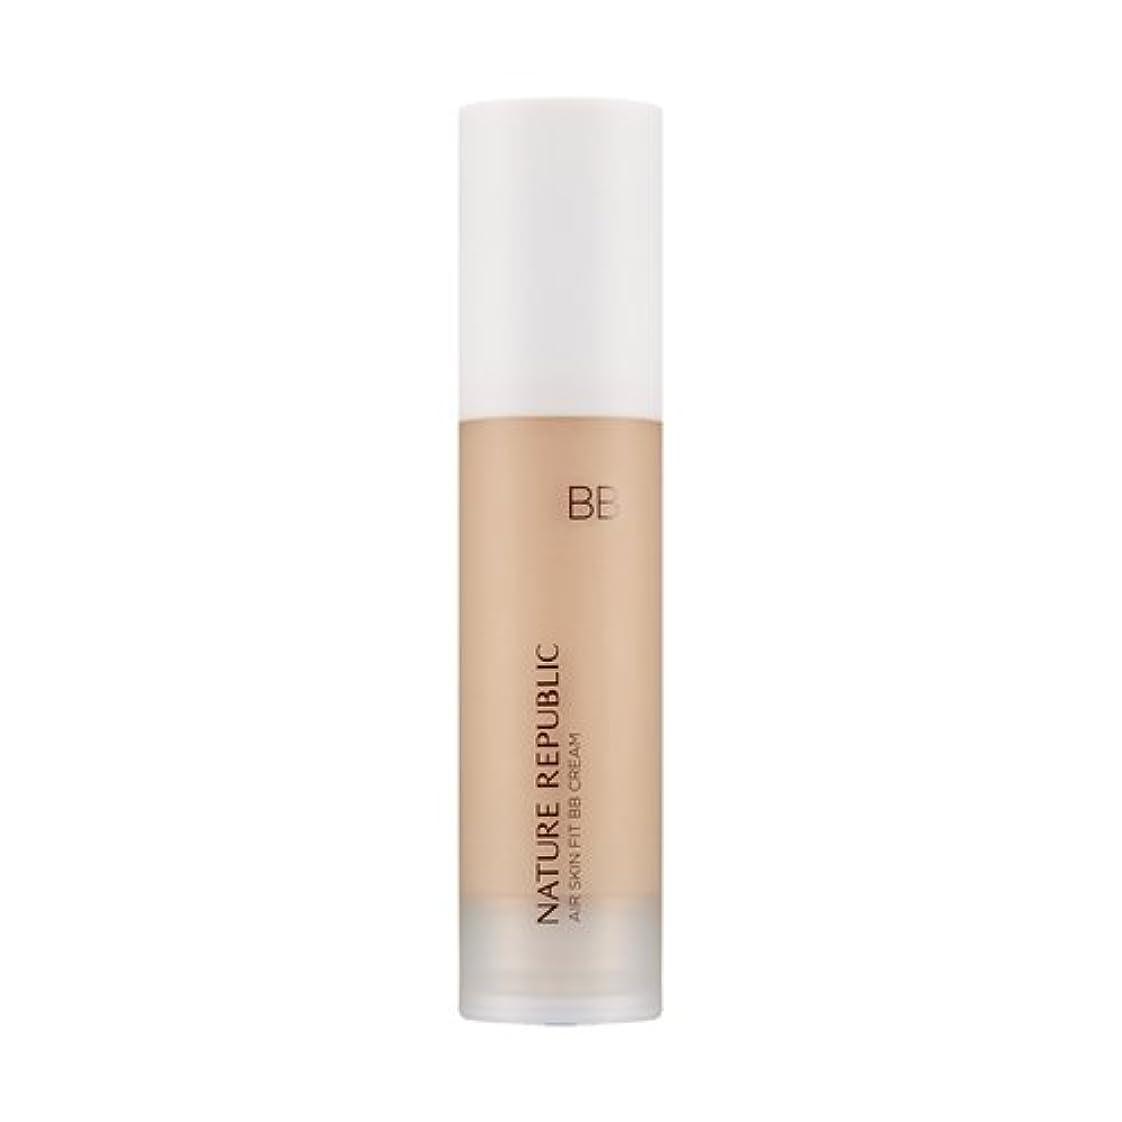 ラメのりおとこNATURE REPUBLIC Provence Air Skin Fit BB Cream #02 Natural Beige / ネイチャーリパブリック プロヴァンスエアスキンフィットBBクリーム (#02 Natural...